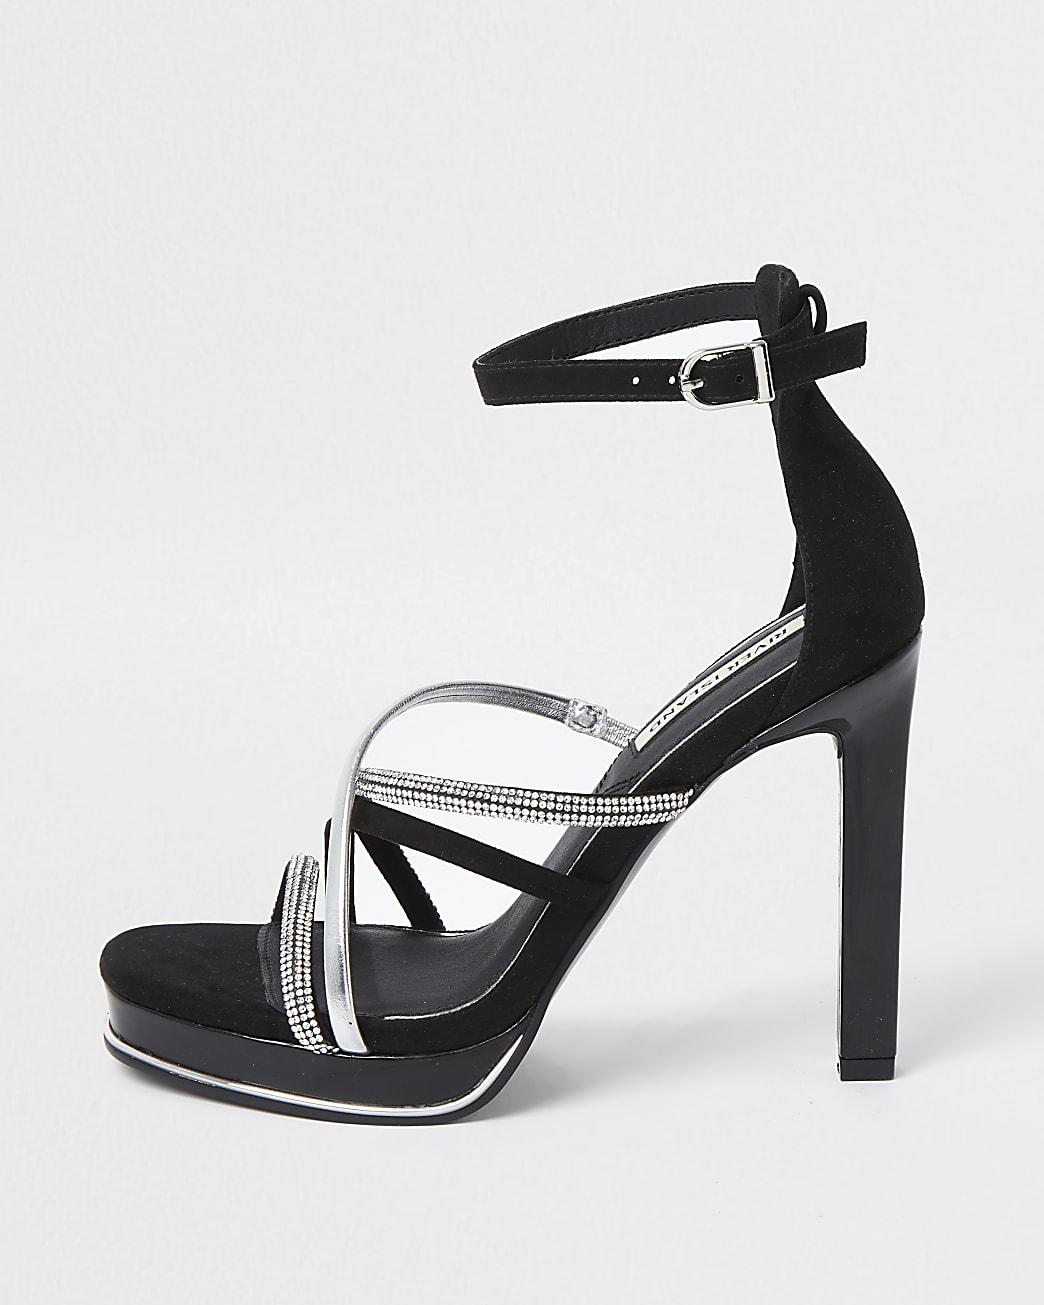 Black embellished strappy platform heels